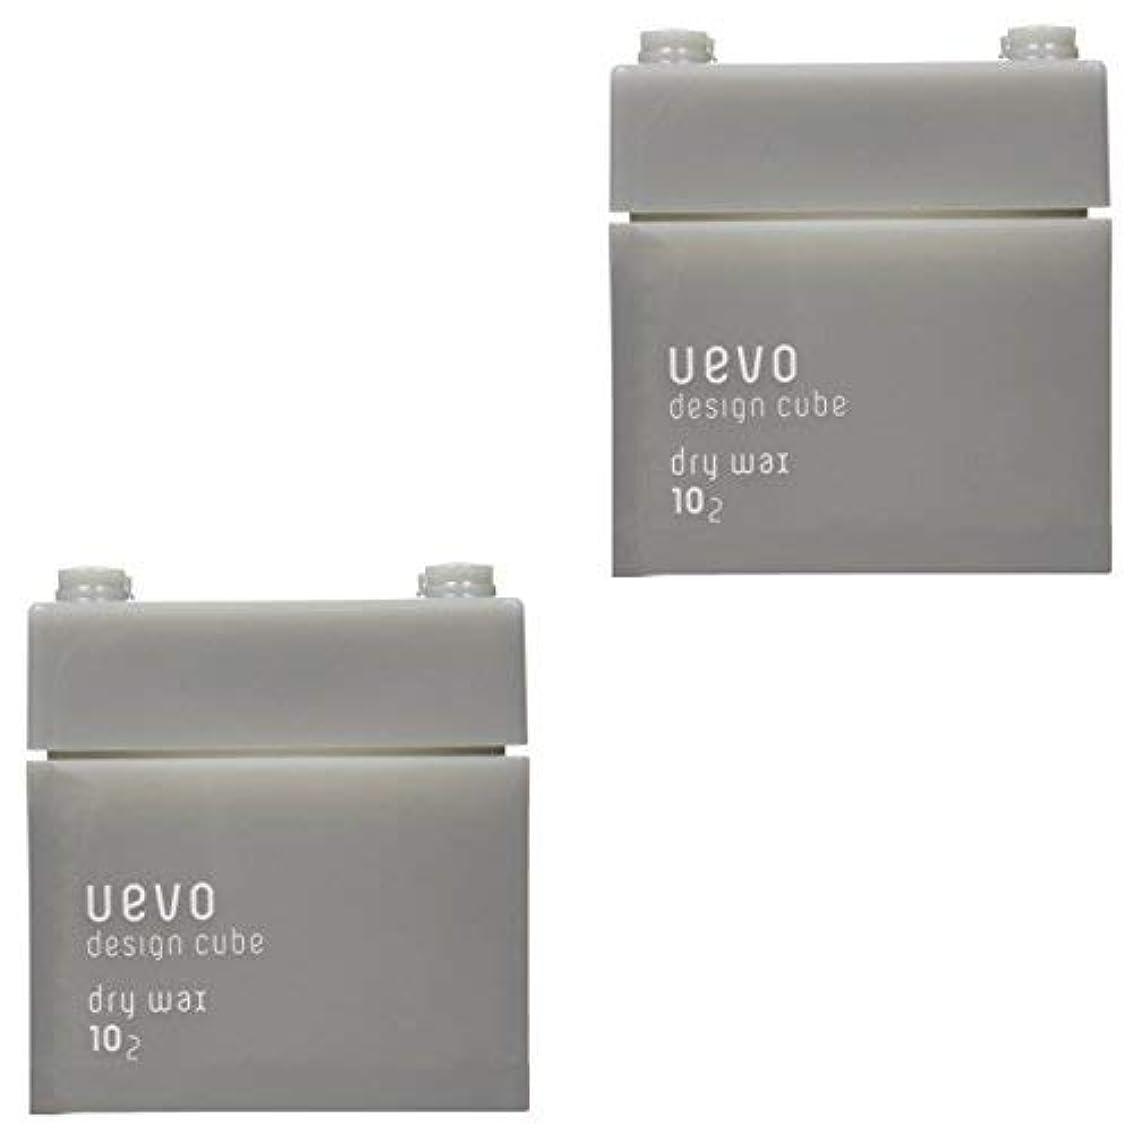 解説助けてスコア【X2個セット】 デミ ウェーボ デザインキューブ ドライワックス 80g dry wax DEMI uevo design cube